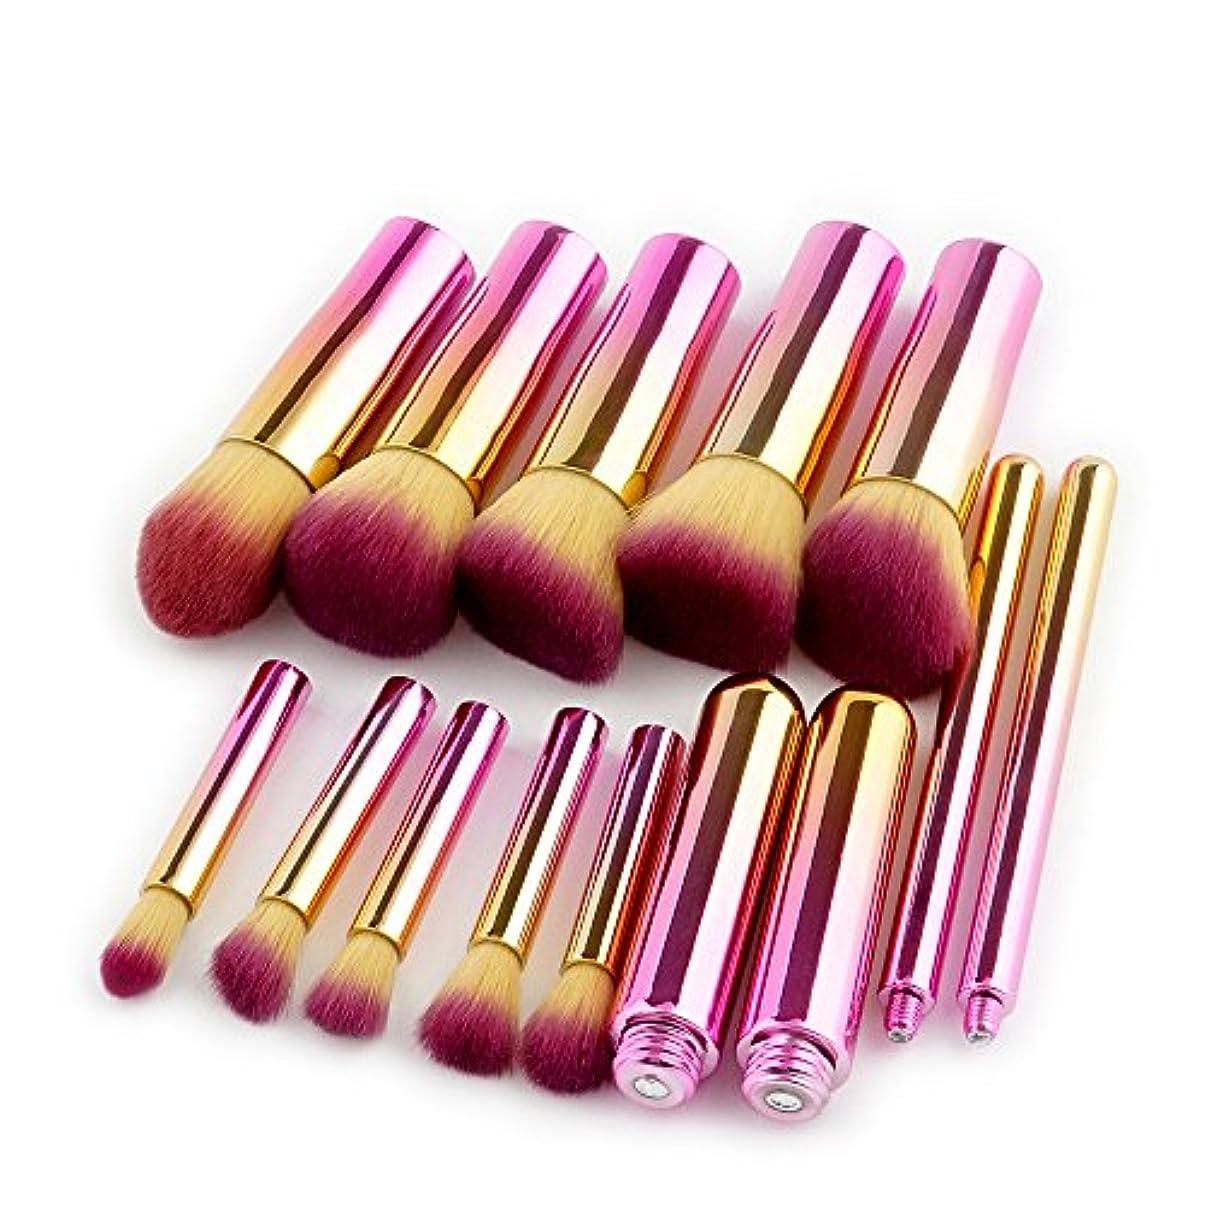 シャーク結果としてネクタイ(プタス)Putars メイクブラシ メイクブラシセット 10本セット ピンク 化粧ブラシ ふわふわ お肌に優しい 毛量たっぷり メイク道具 プレゼント